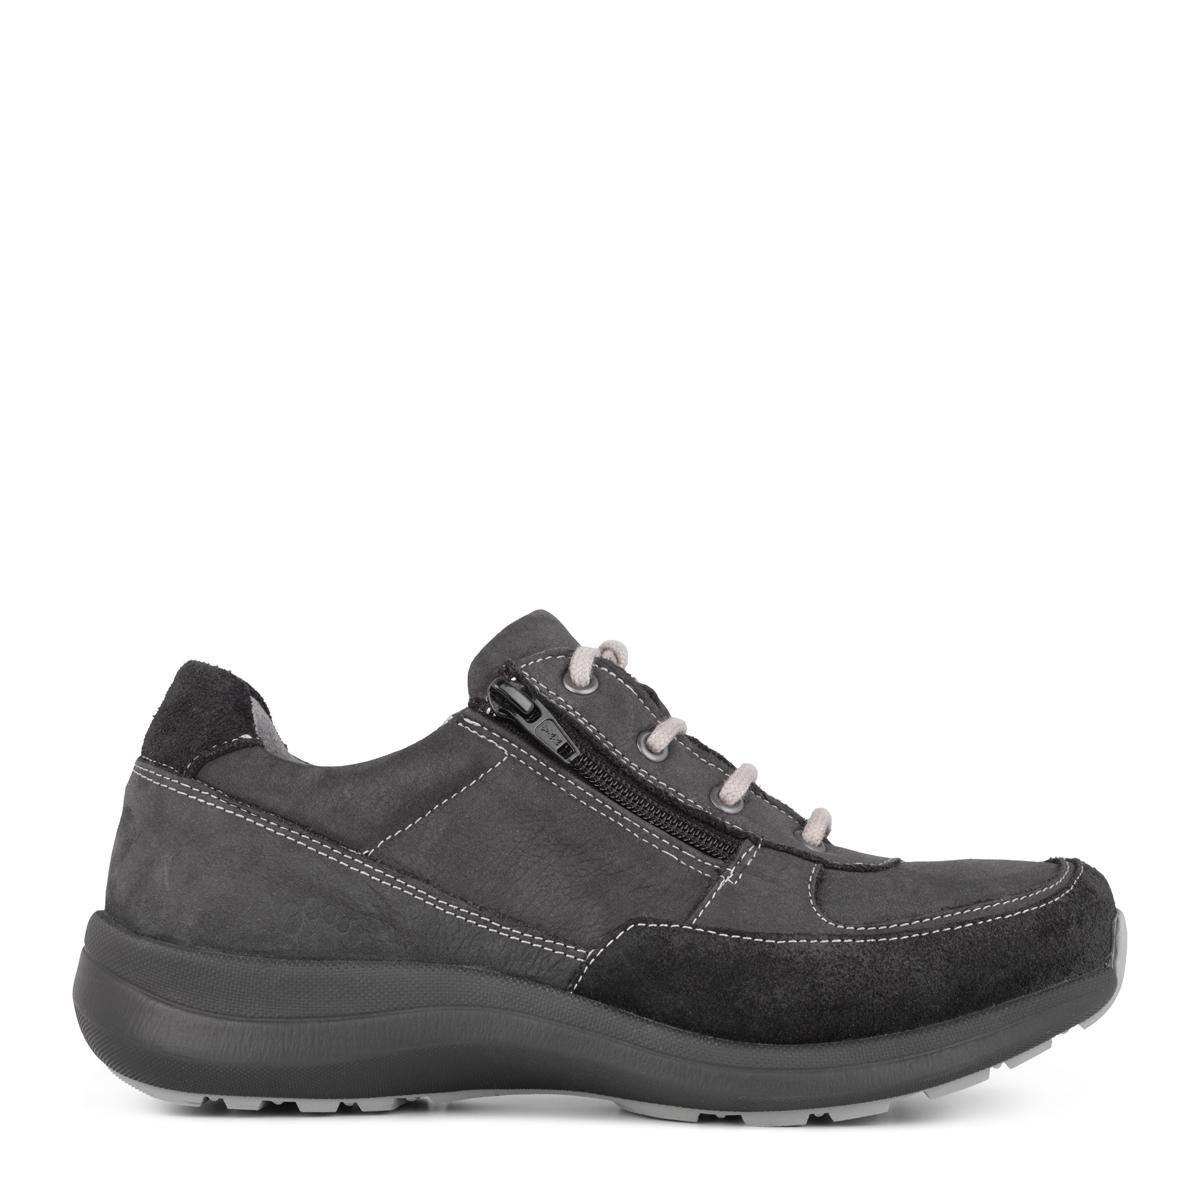 New Feet sporty damesko med lynlås og snørebånd fra